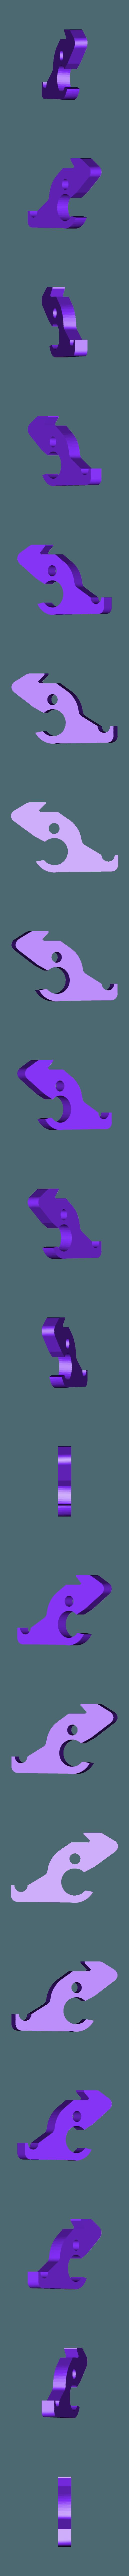 Nerfpistol_trigger1.STL Download STL file Nerf pistol with clip • 3D printer design, MrCrankyface